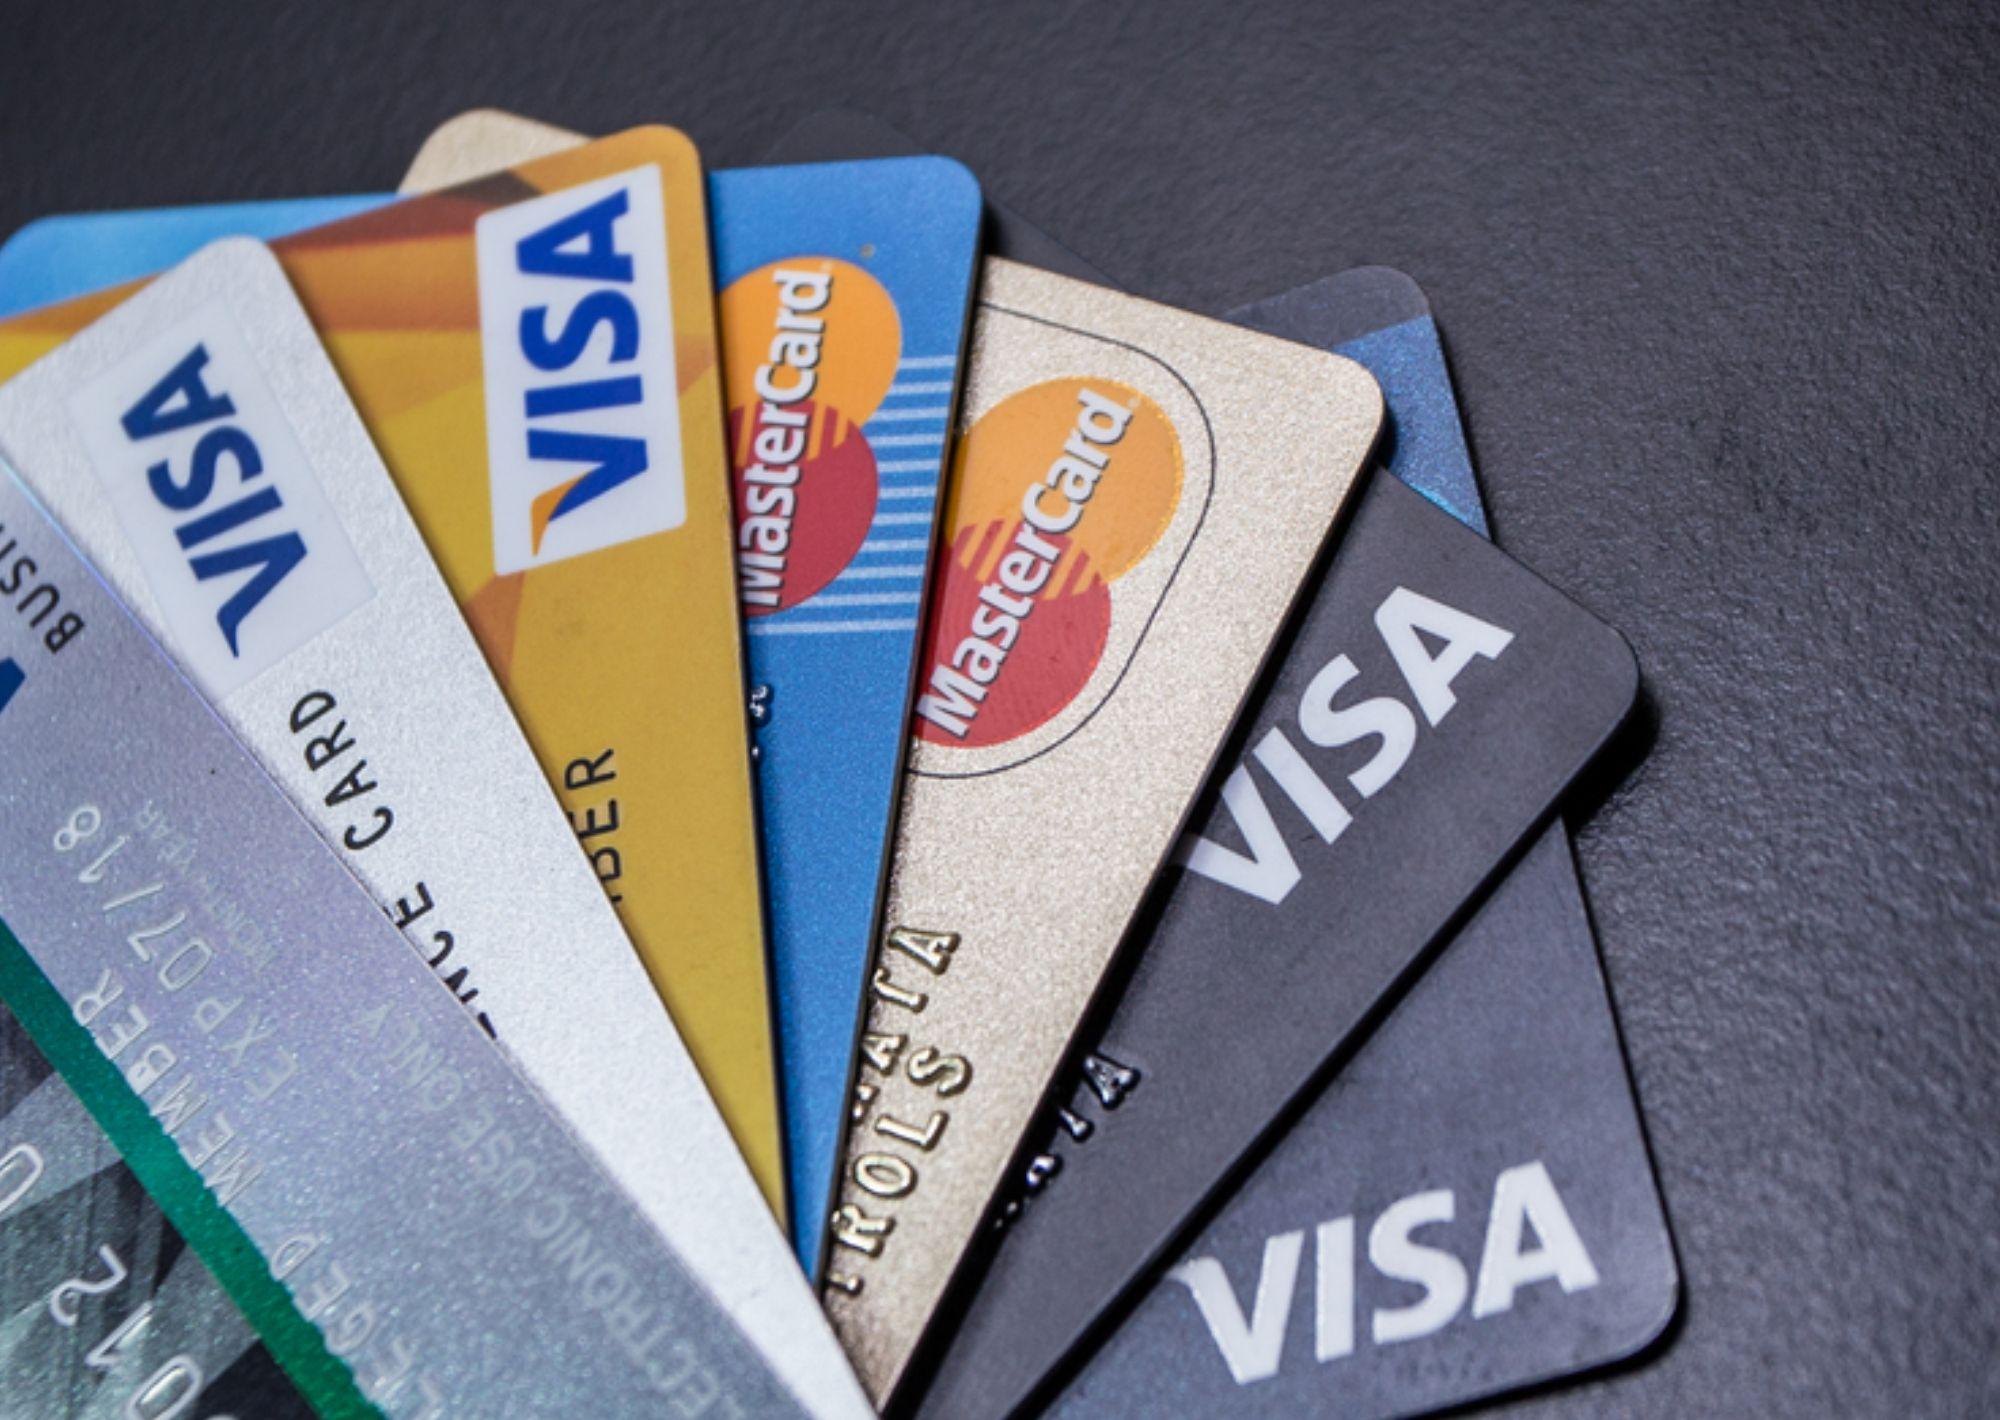 Https Promosikartukredit Com Kartu Kredit Fitur Dan Keunggulan Kartu Kredit Bca Black Master Card Html Kartu Kredit Kartu Keuangan